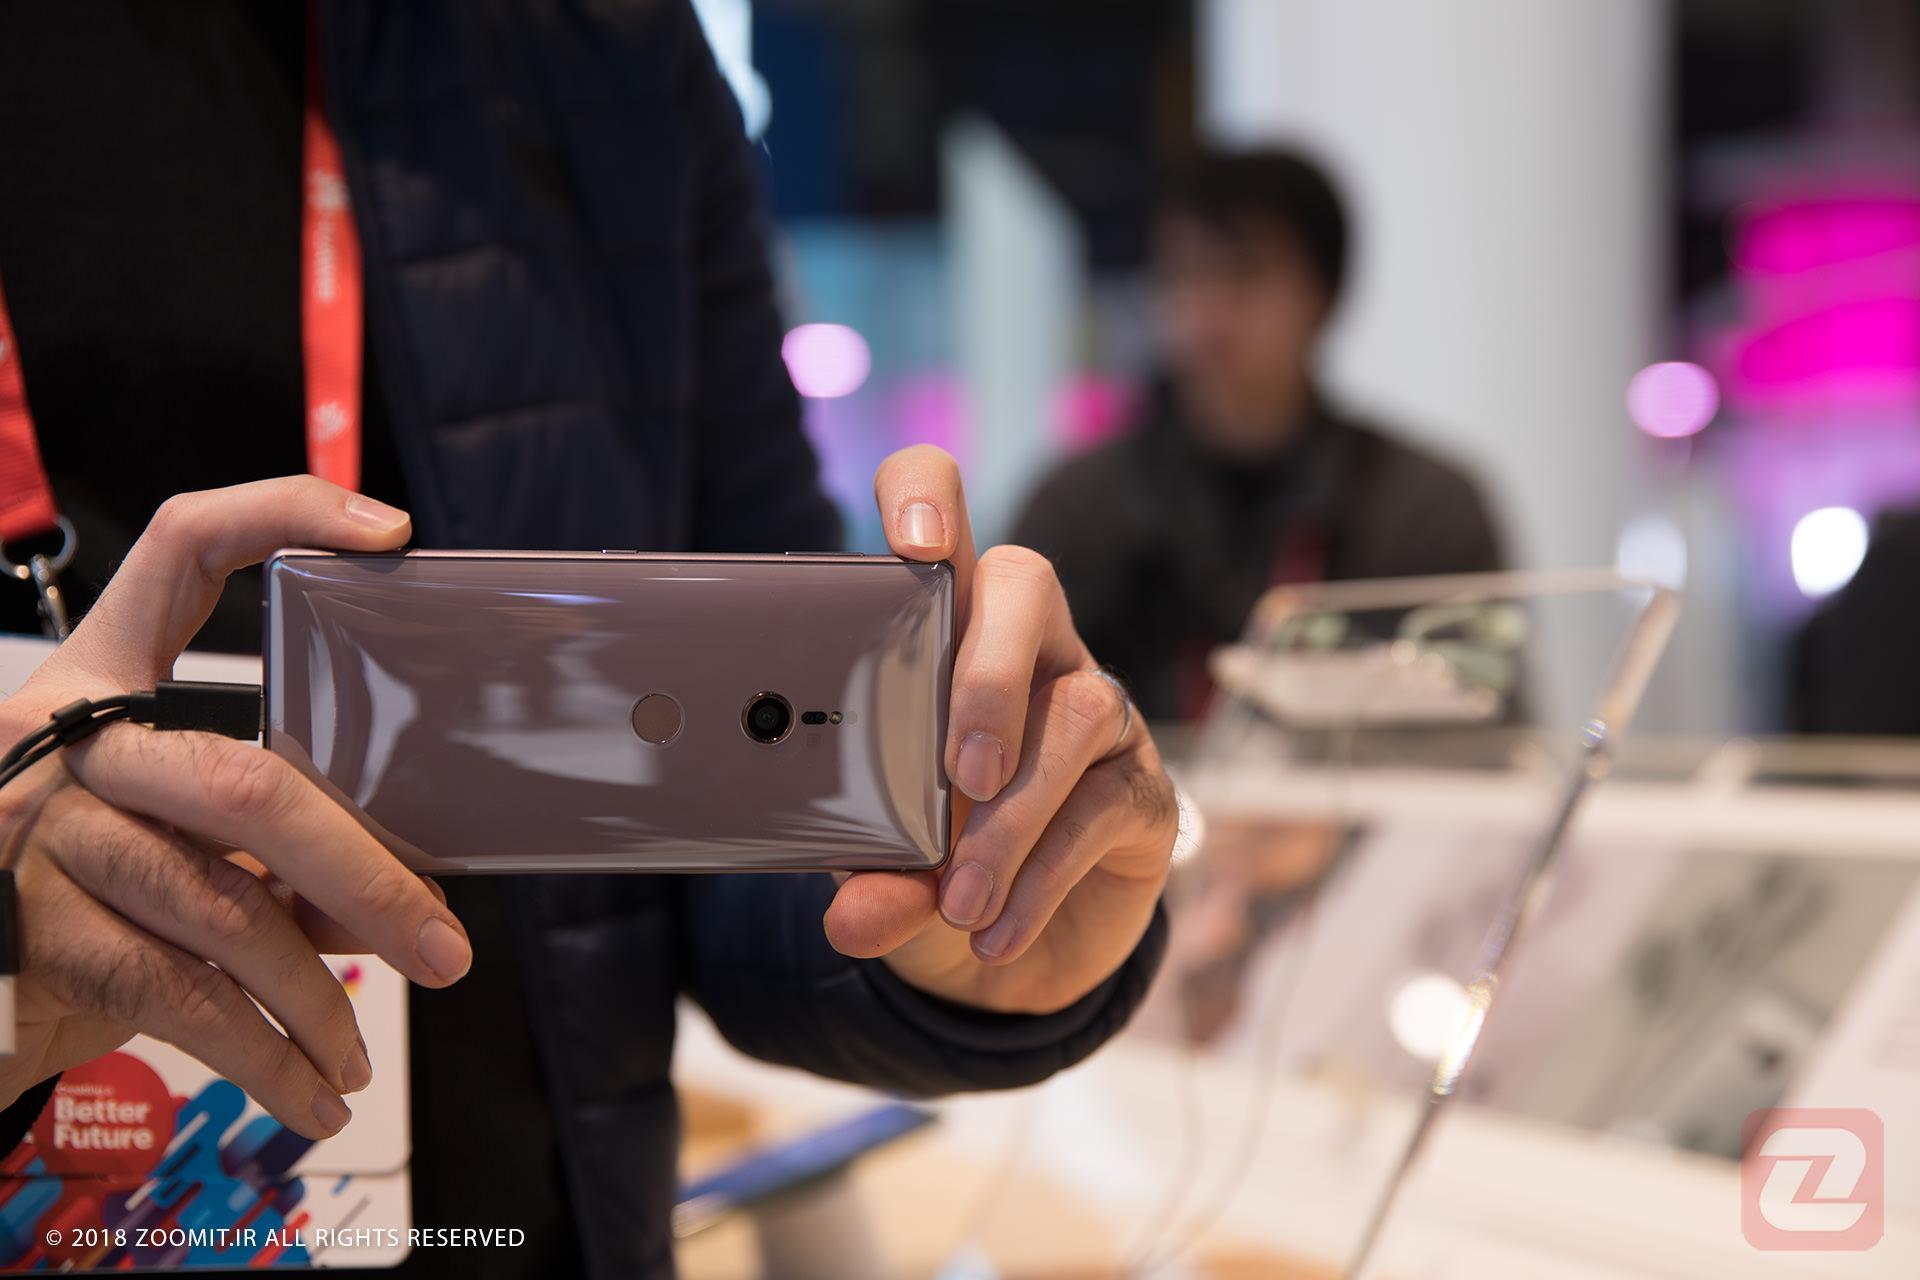 سونی سنسور ۴۸ مگاپیکسلی IMX586 را برای گوشی های هوشمند معرفی کرد